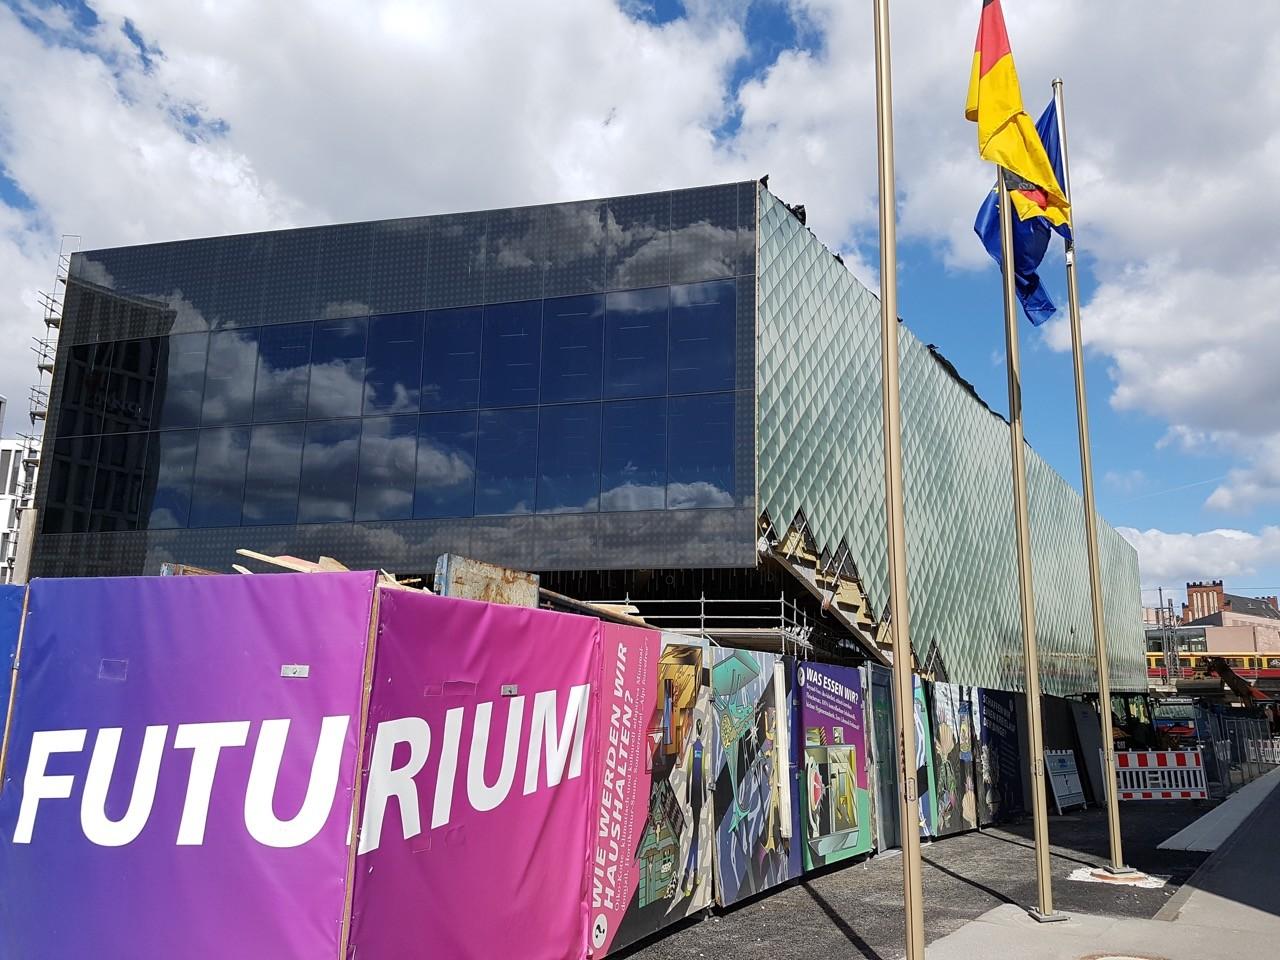 Futurium: Das Haus der Zukunft